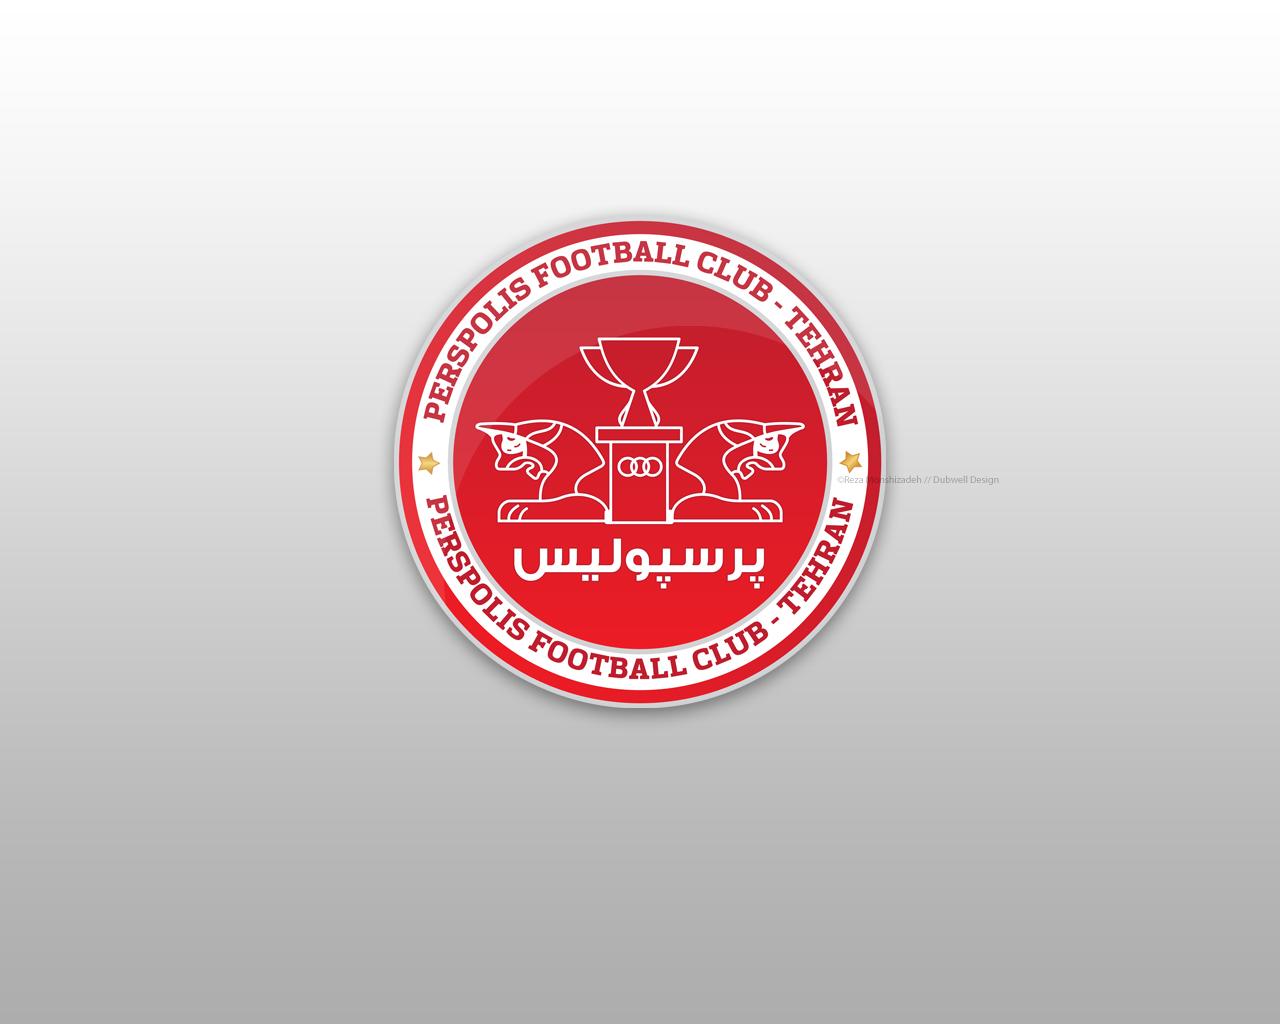 http://orig13.deviantart.net/b524/f/2011/061/4/9/fc_perspolis_tehran_logo_by_dellyd-d3aqwly.jpg